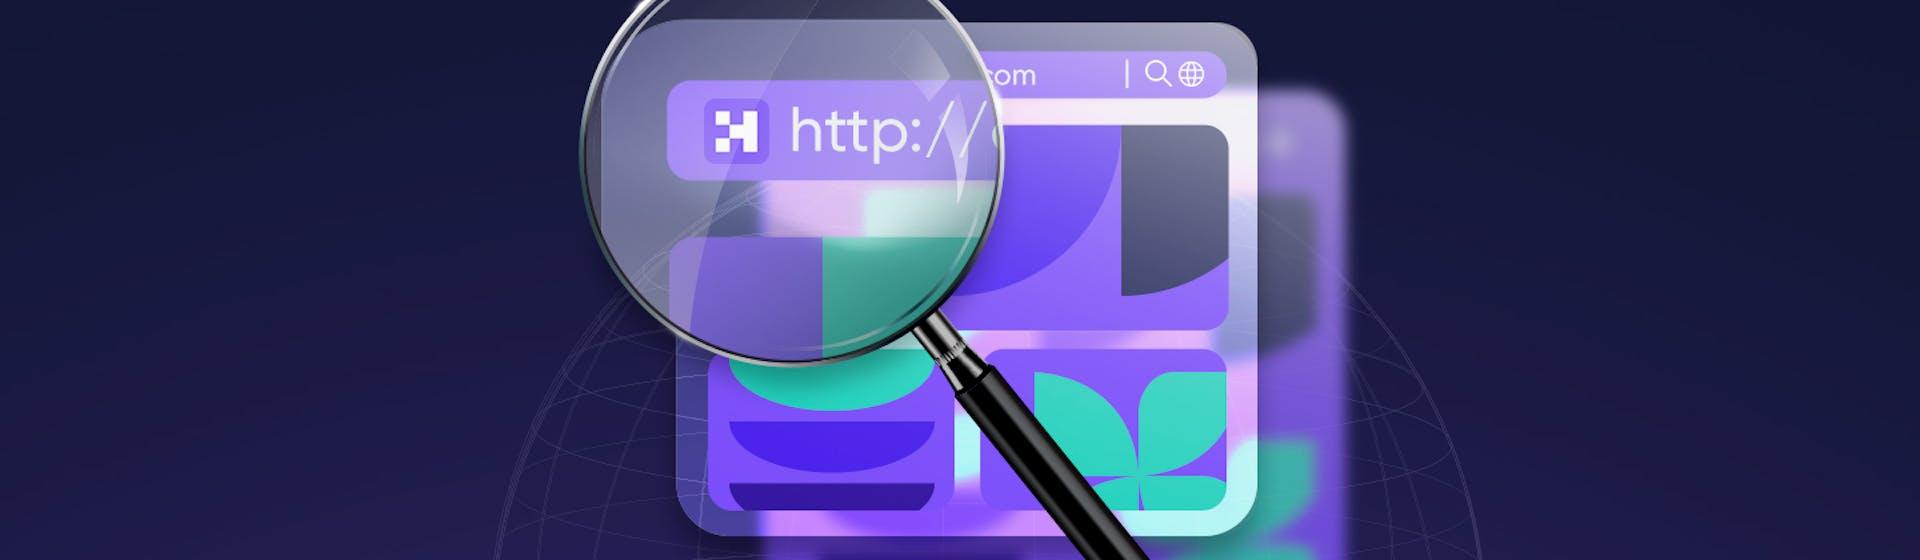 ¿Qué es favicon y cómo puede ayudarte a aumentar tráfico a tu web?